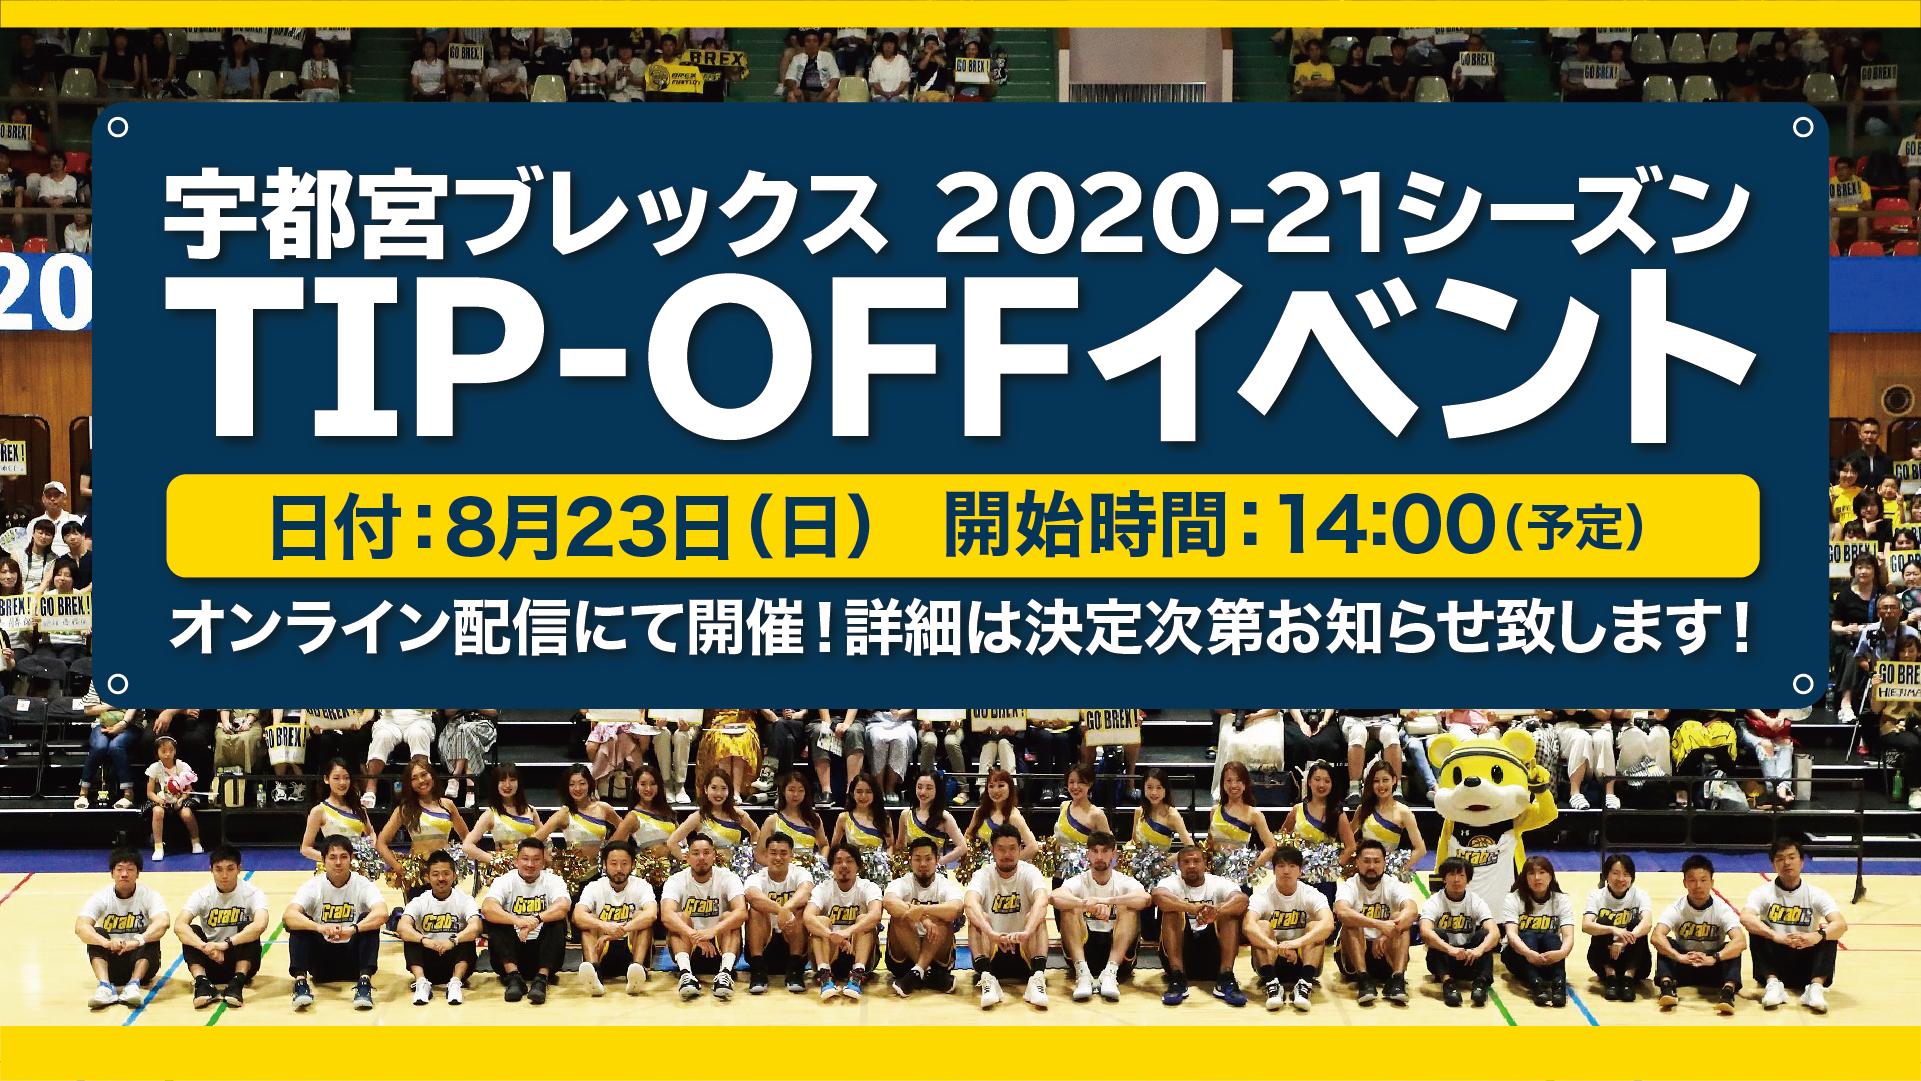 2020-21 TIP-OFF